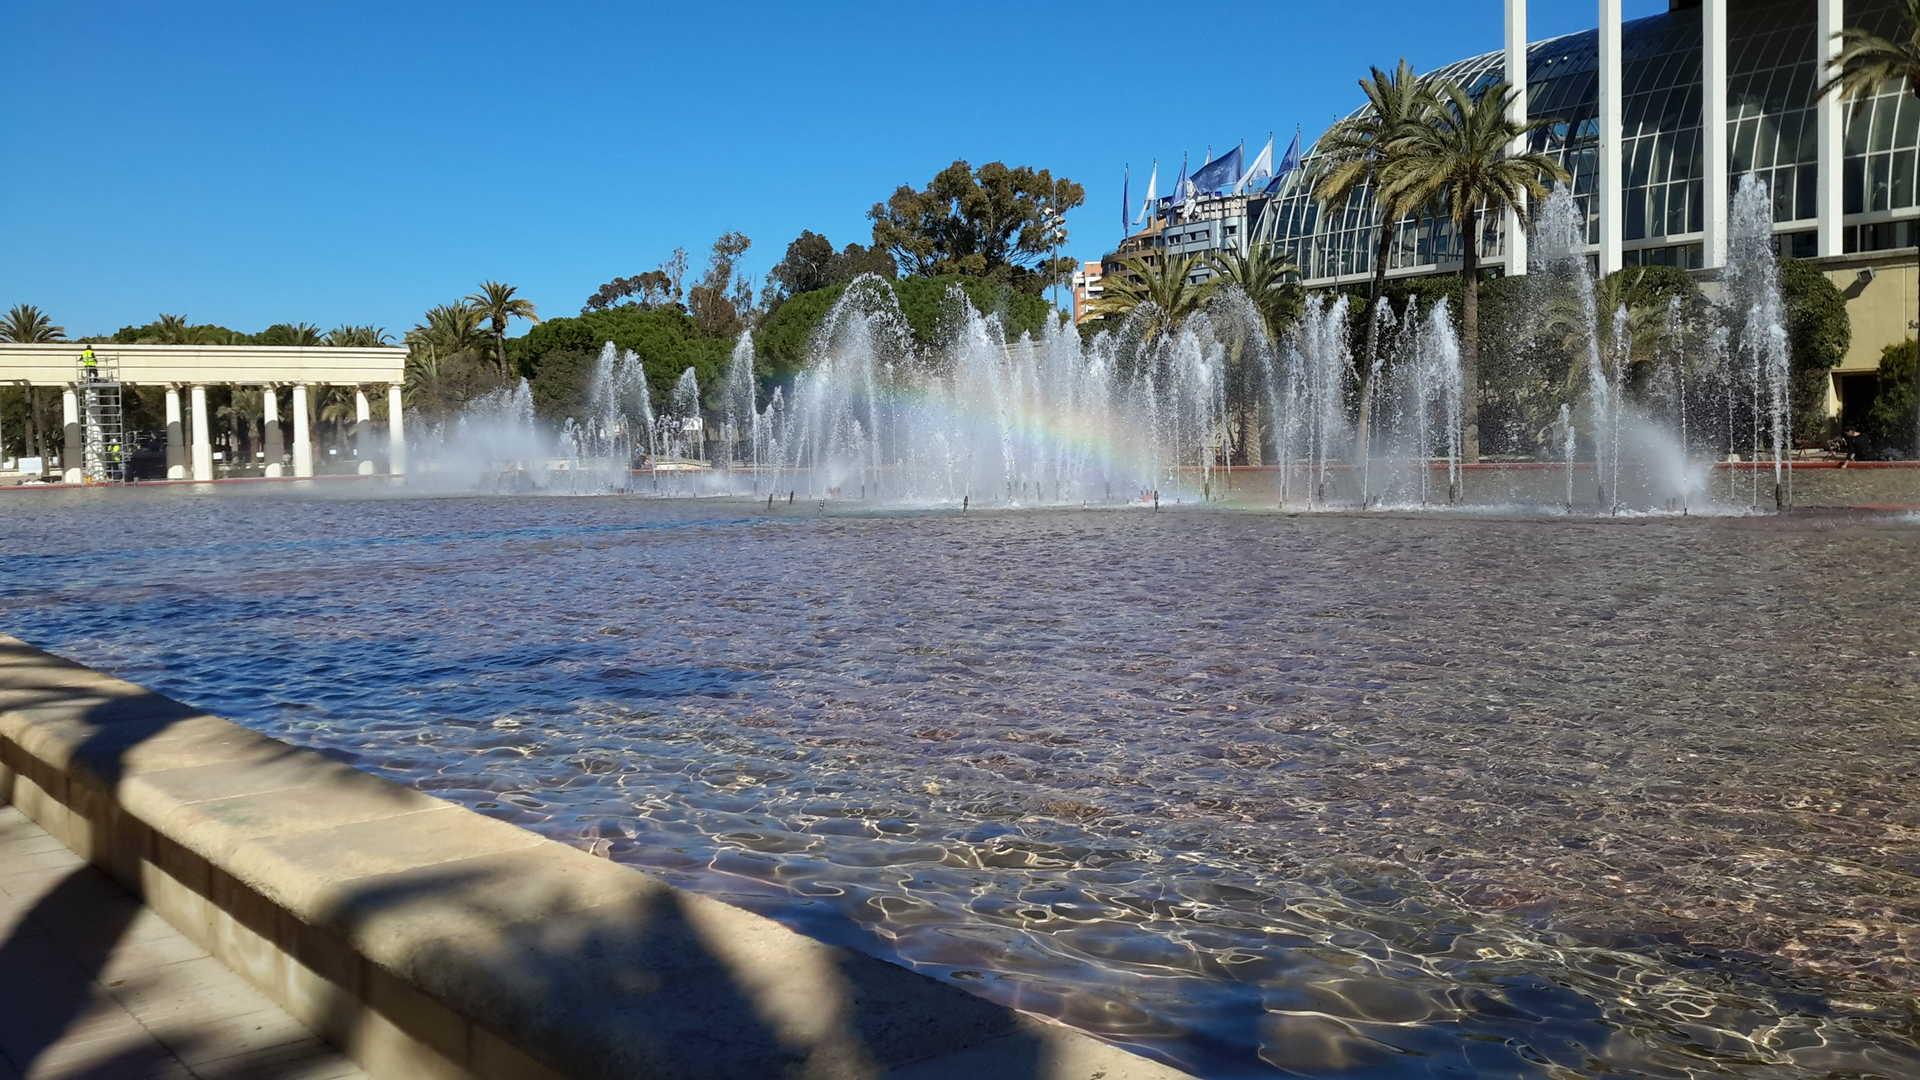 The Turia river gardens